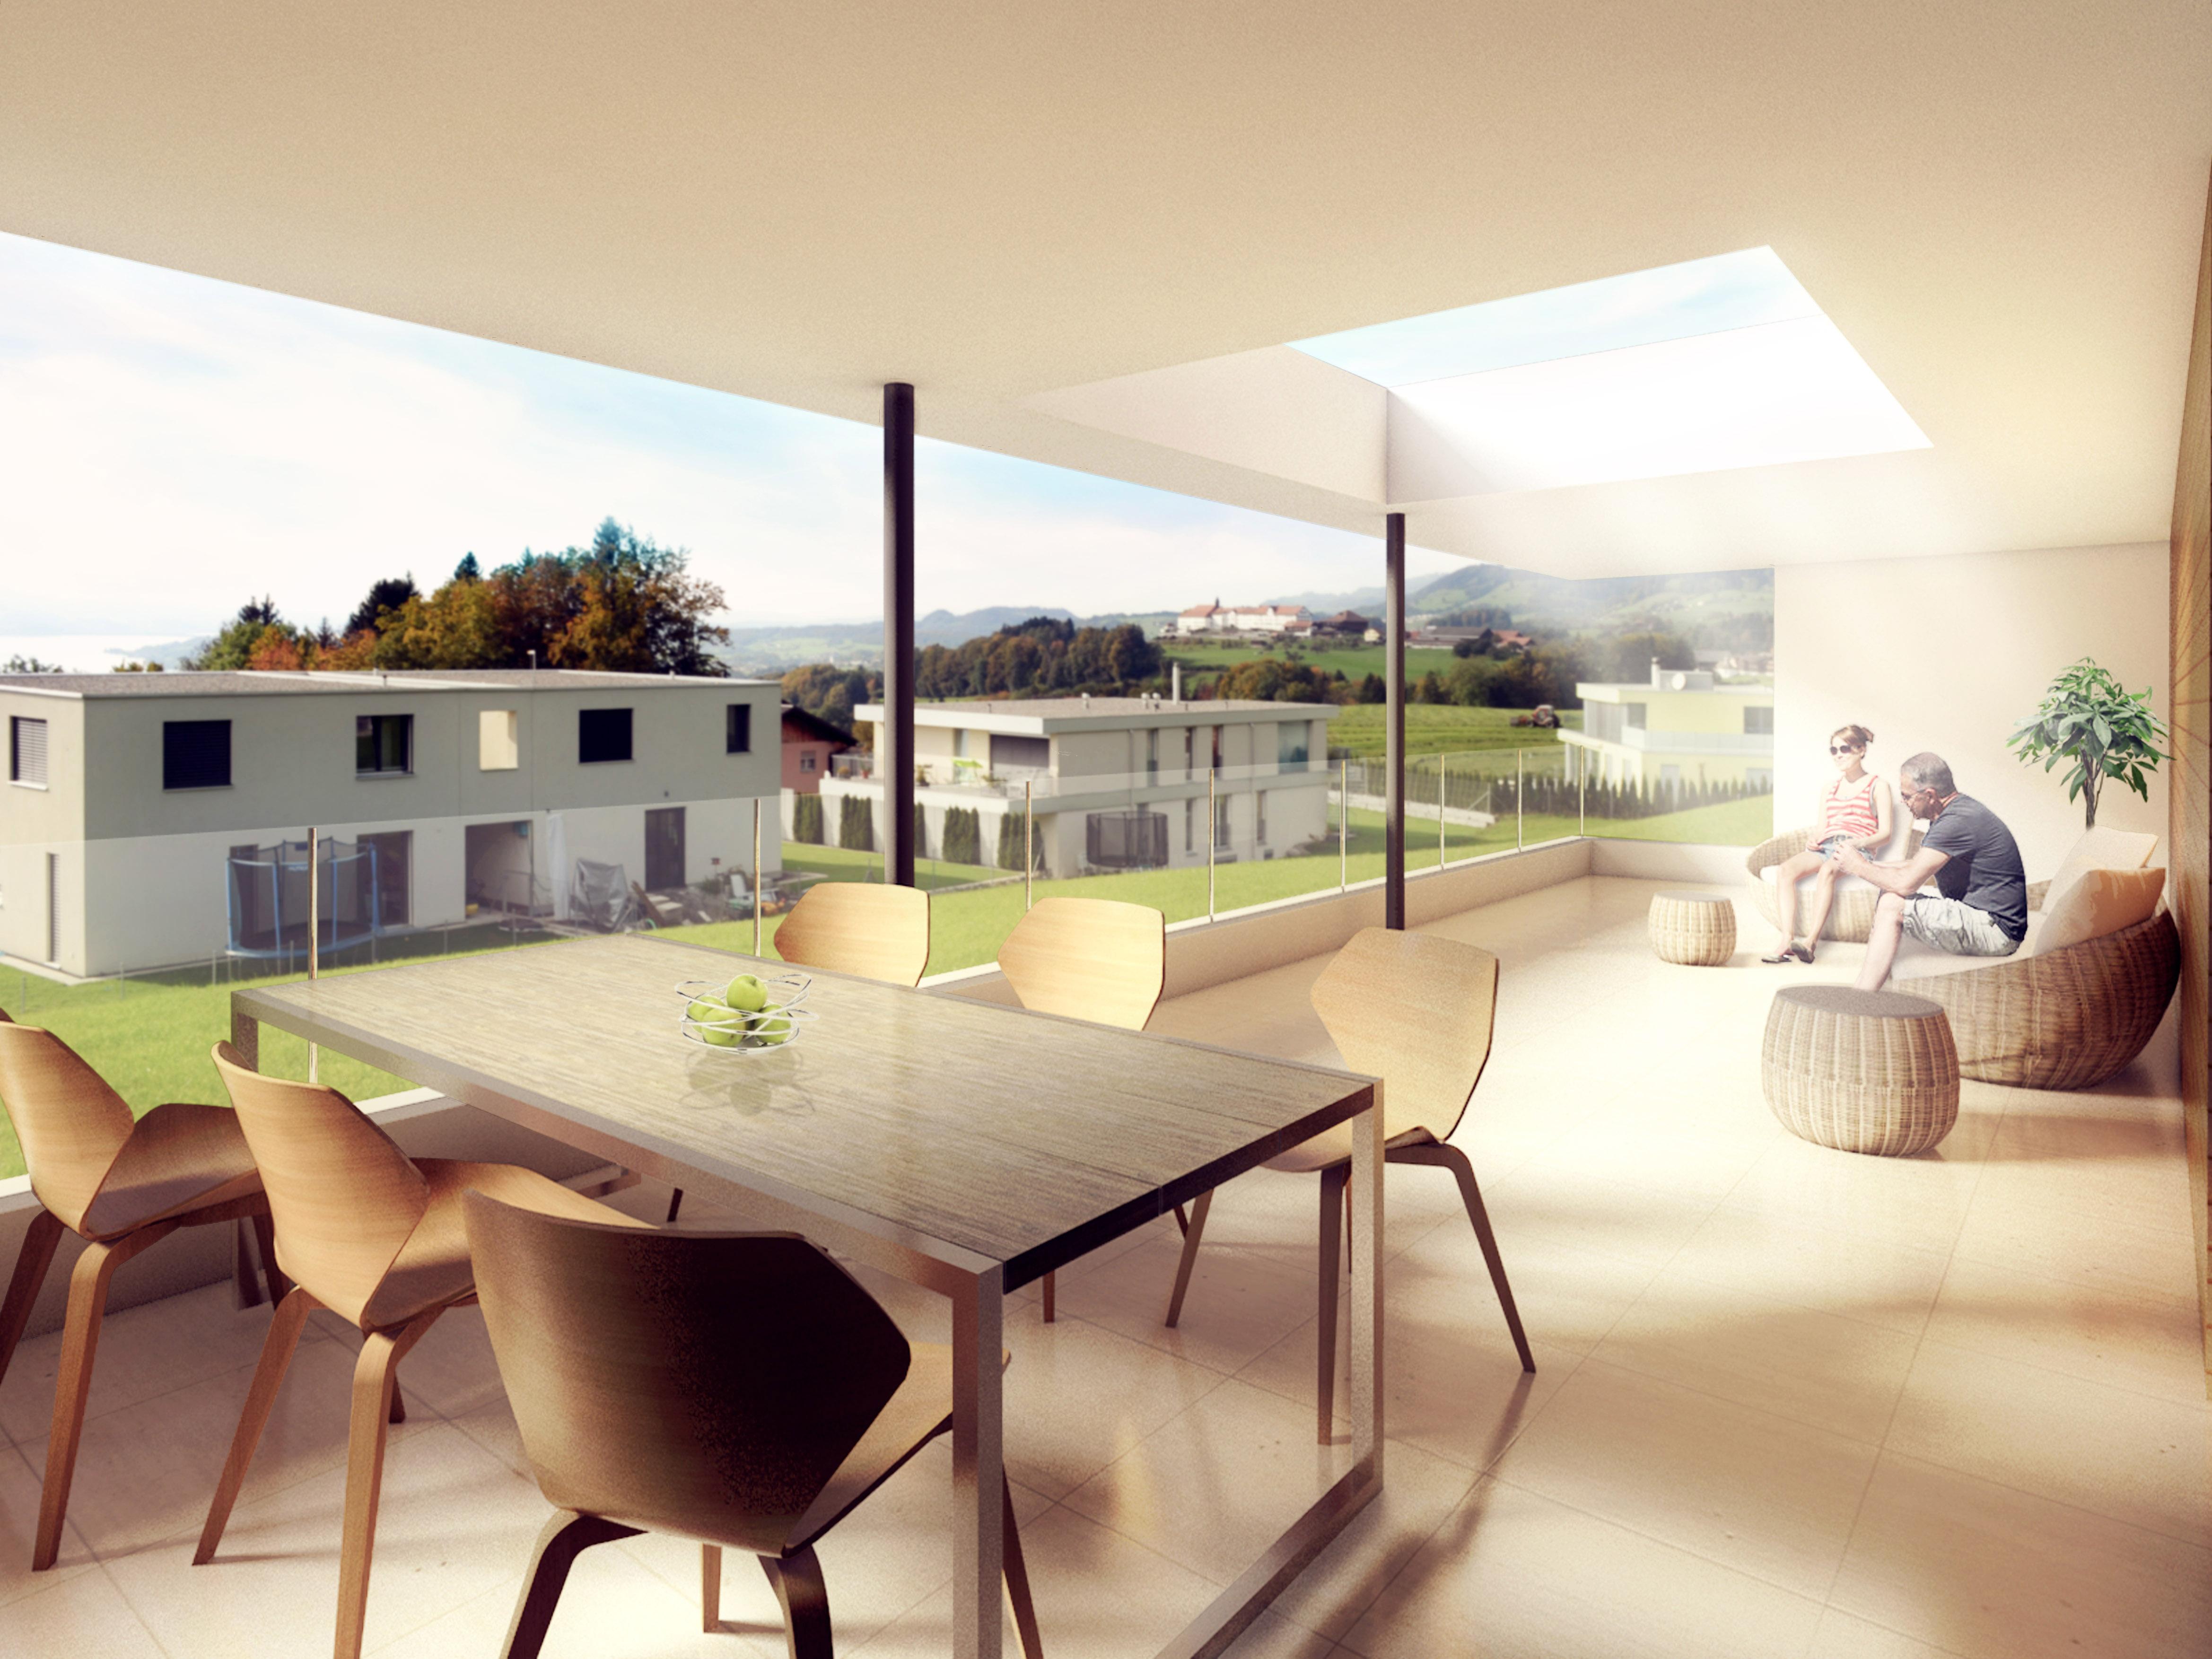 MO-Architektur-Uznach-Linthgebiet-Ostschweiz-Einfamilienhaus-Lindenbächli-Uetliburg-3